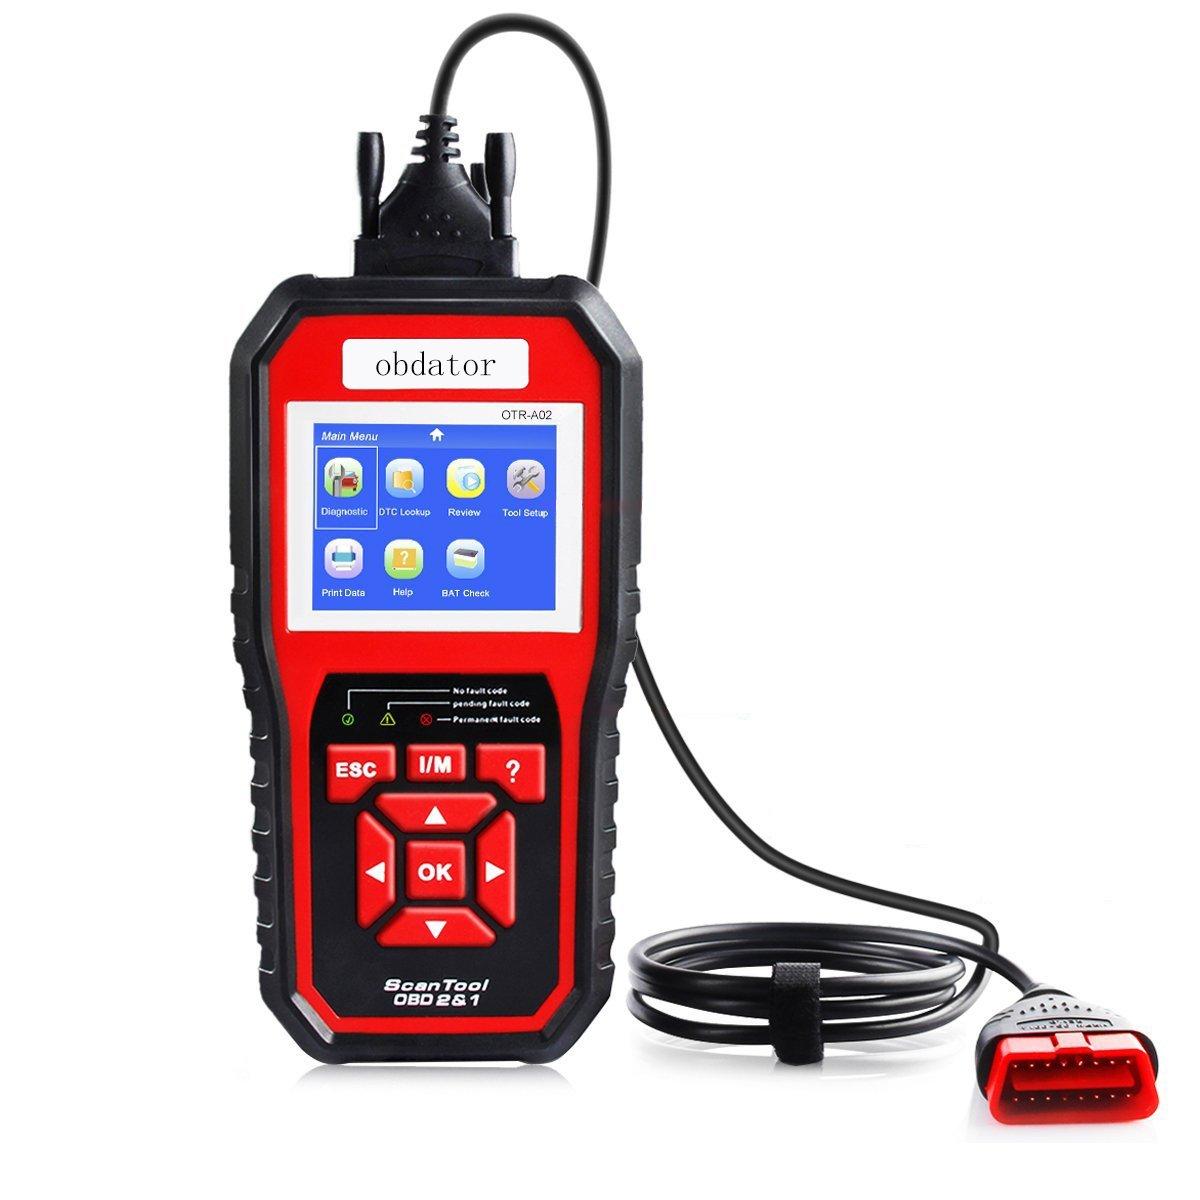 obdator OBD2 OBD Scanner Professional Car Diagnostic OBD Code Reader Enhanced OBDII Diagnostic Scan Tool